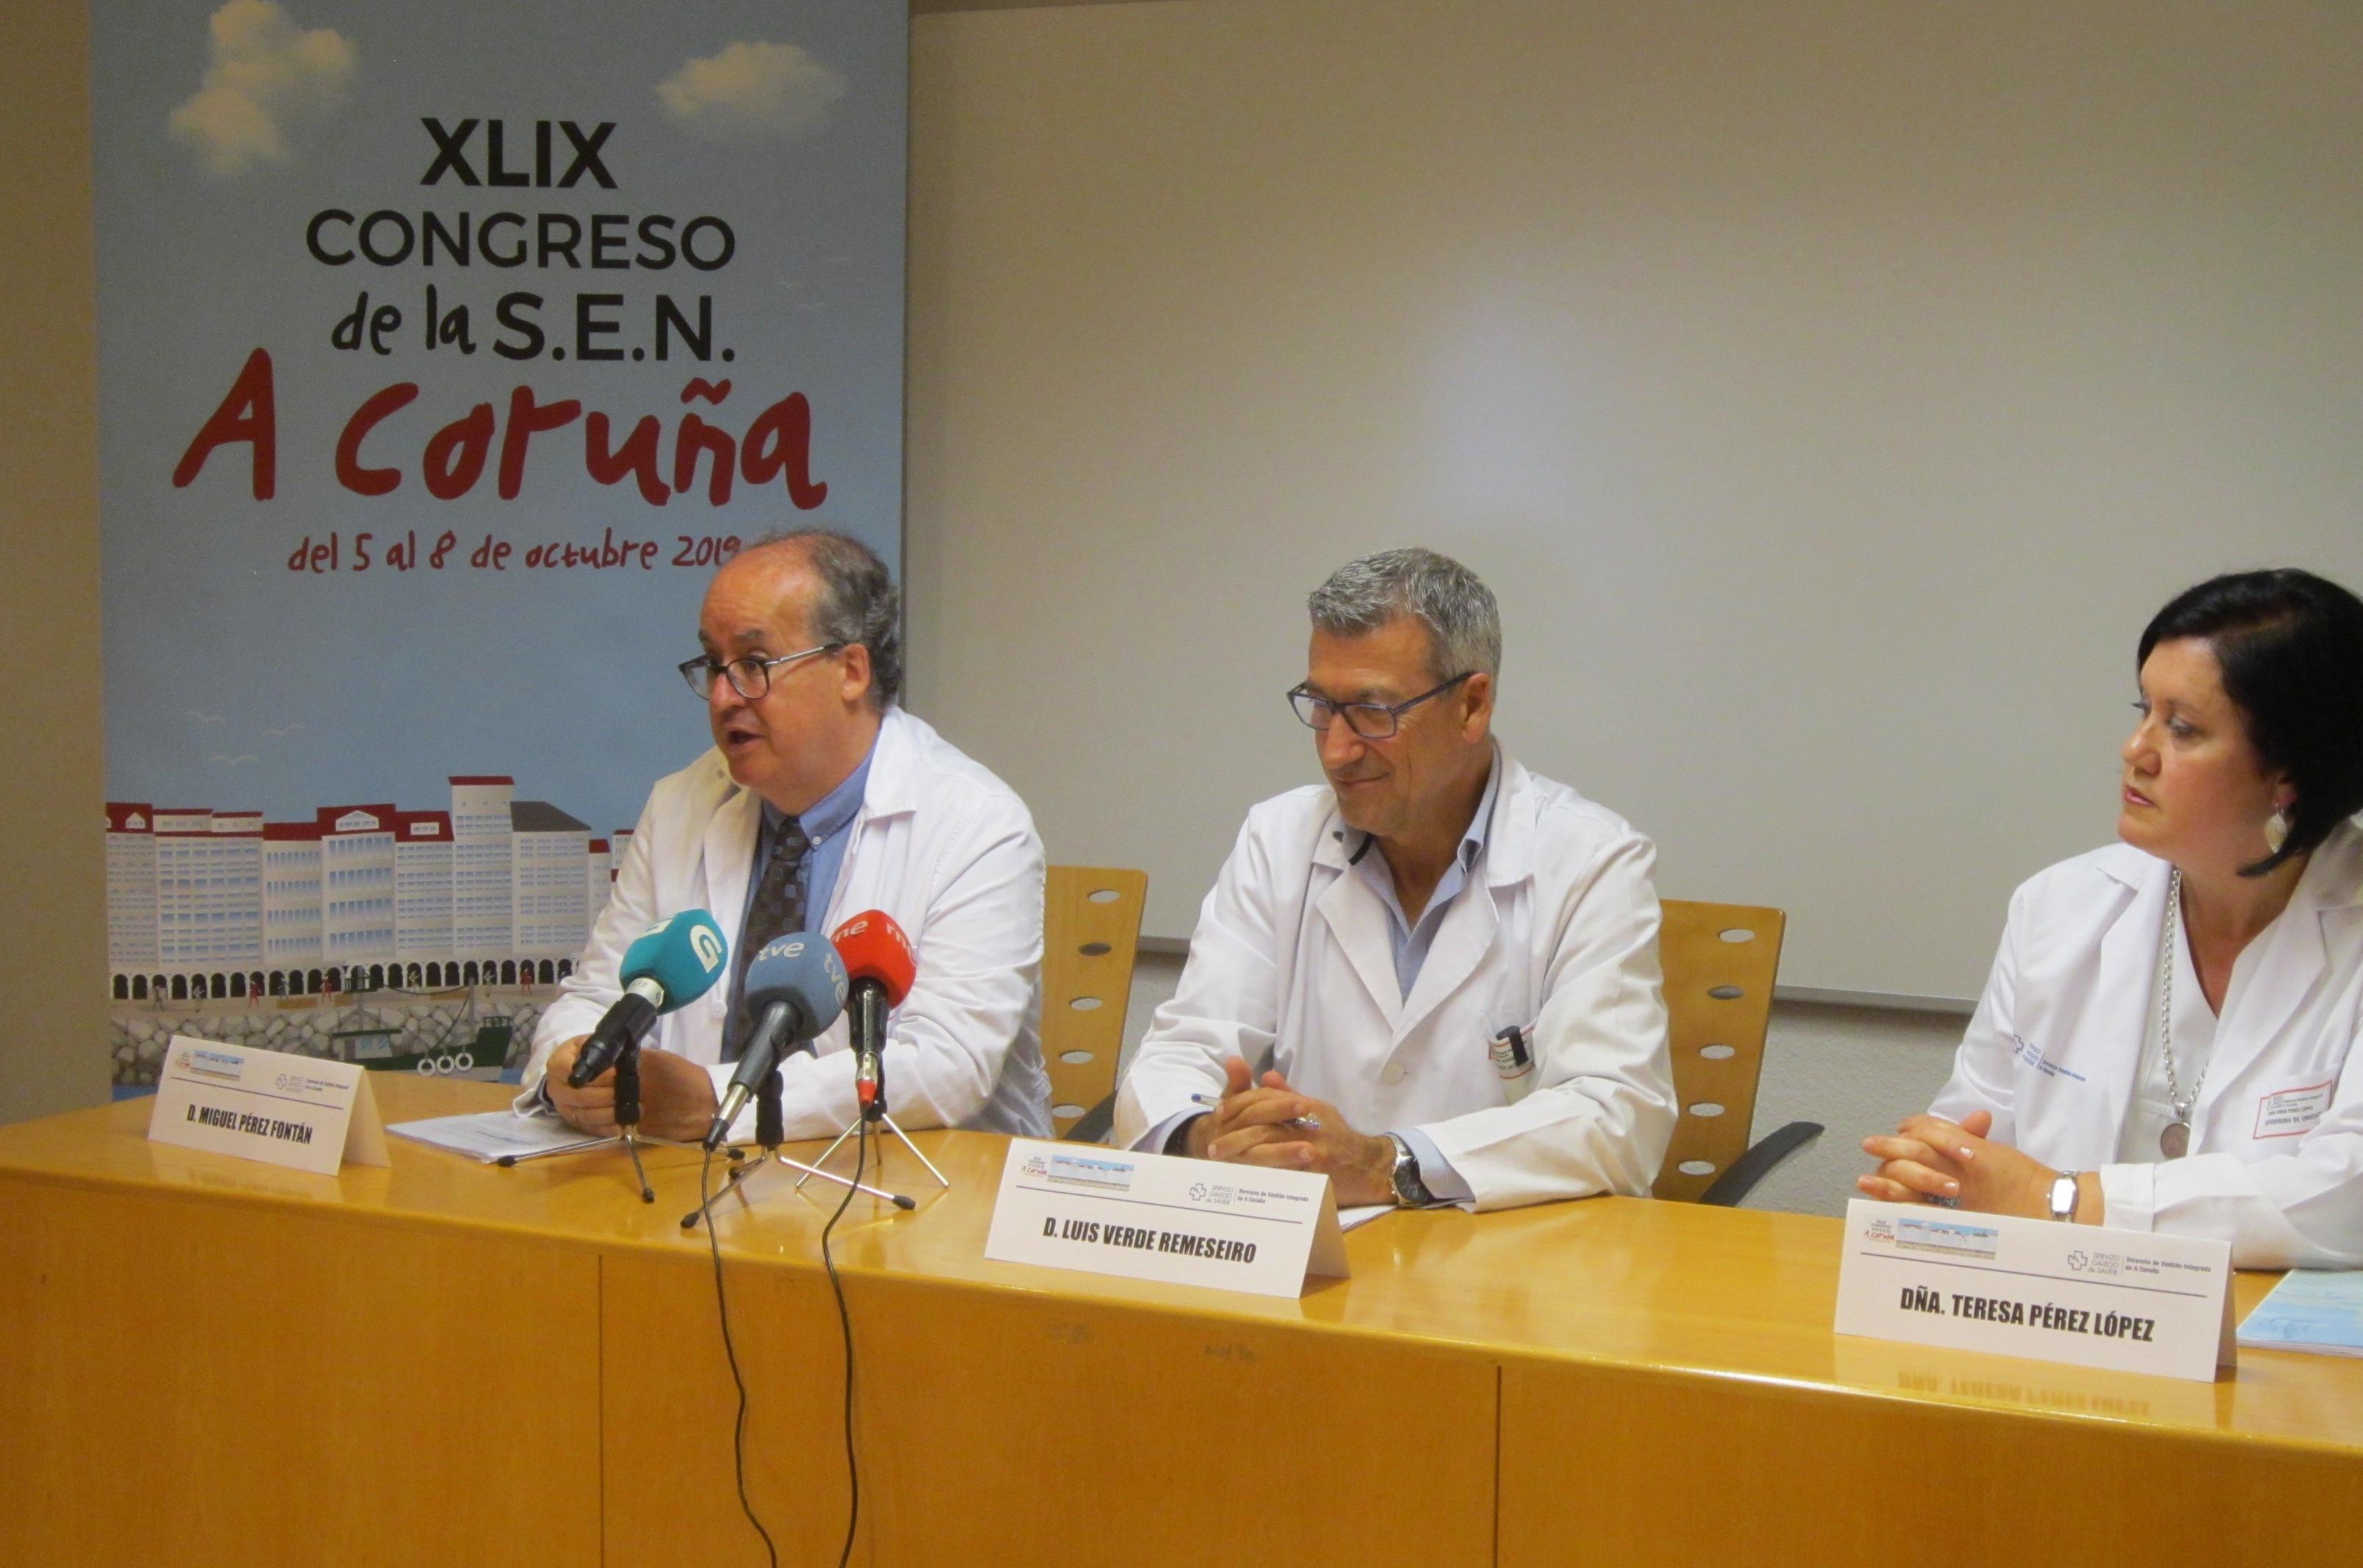 Los nefrólogos alertan del aumento de la Enfermedad Renal Crónica en España, que en la última década ha crecido un 20%